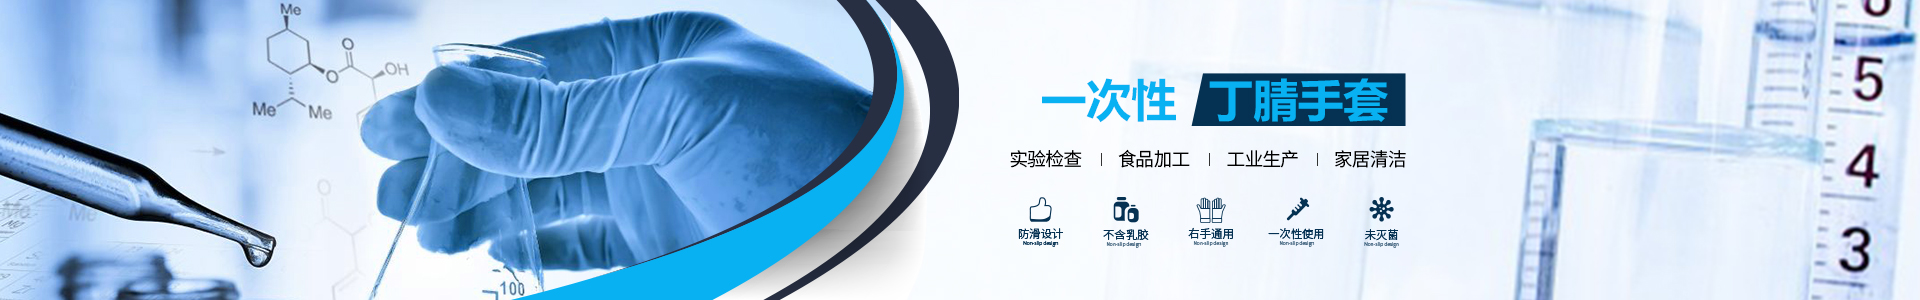 兰霍万博app手机版万博体育手机版登录万博足彩app